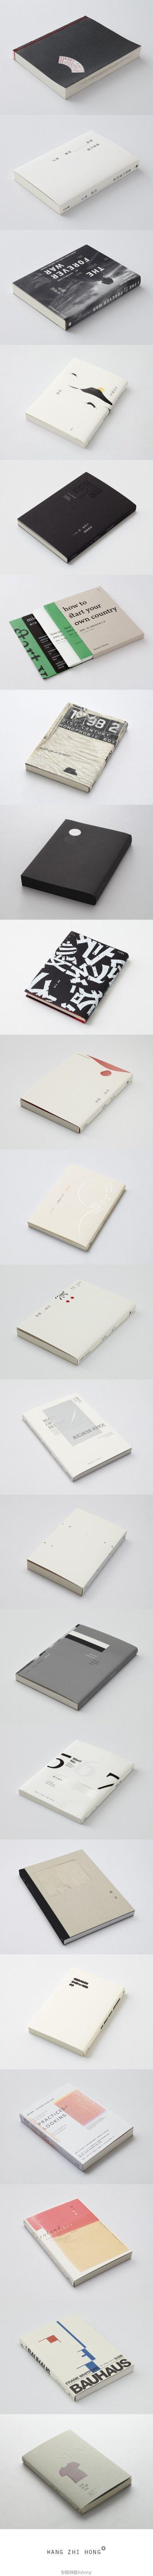 王志弘 #BookDesign Absolutely love his works